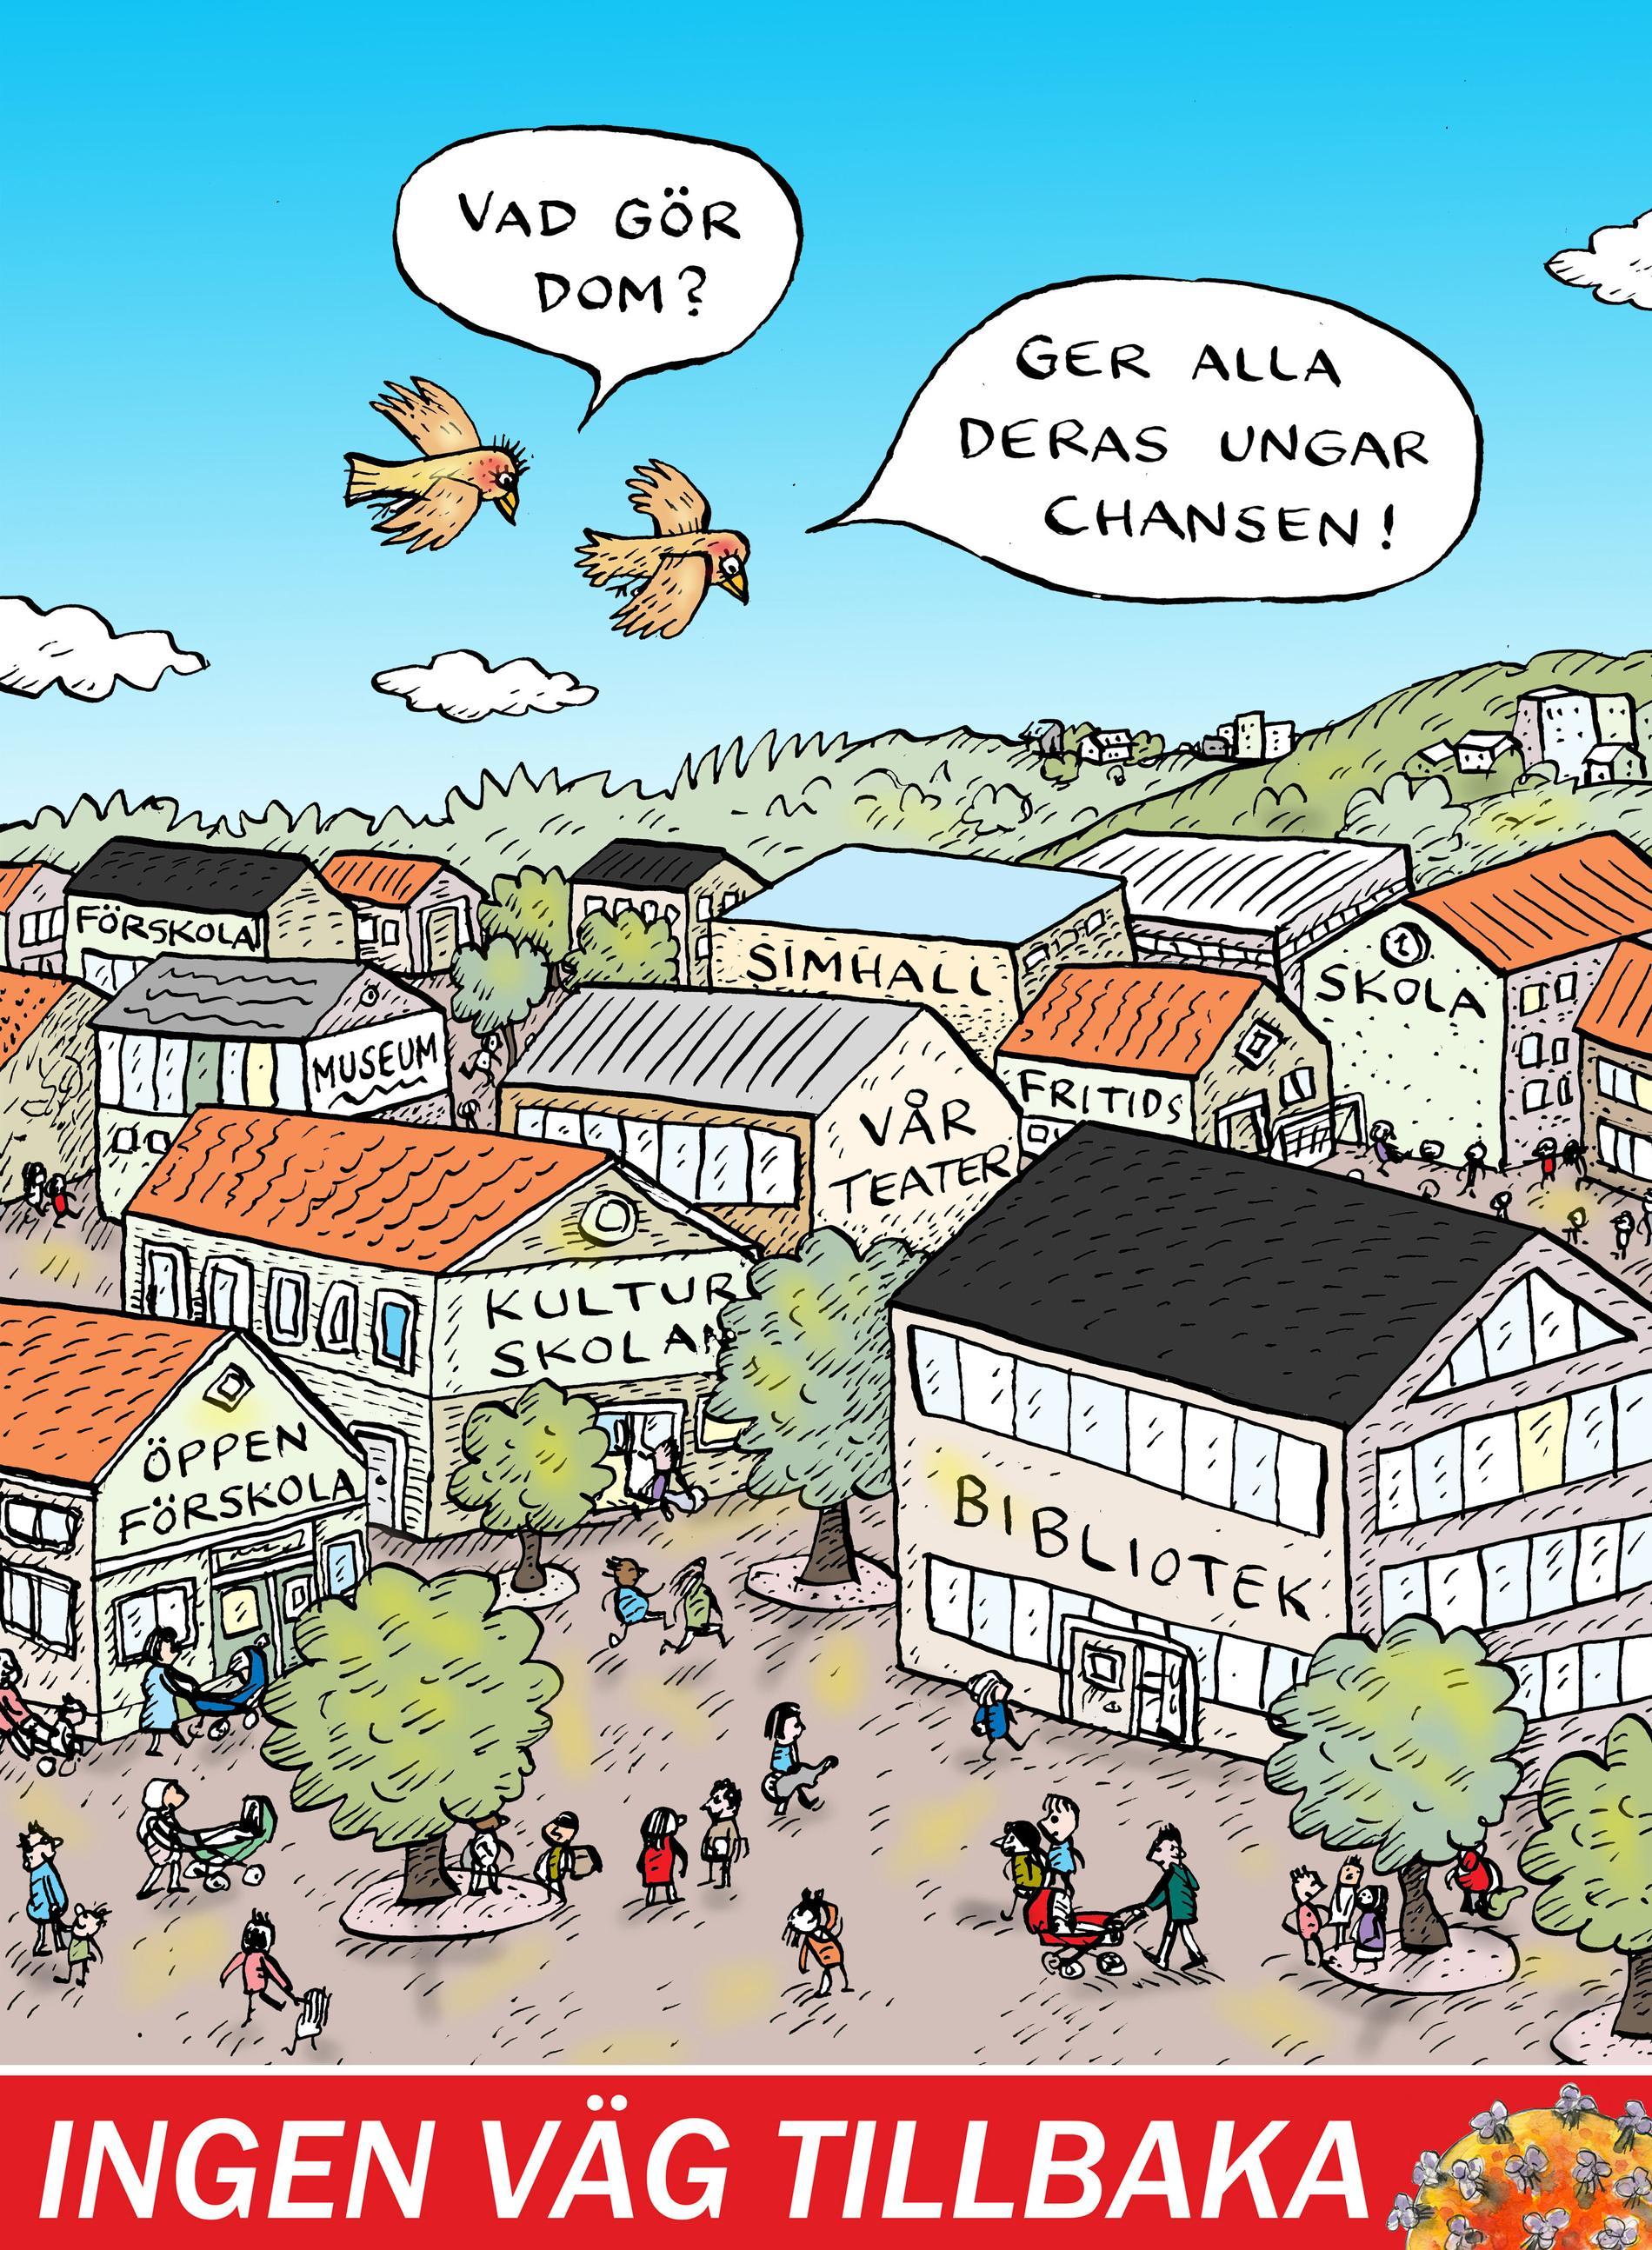 """I en serie artiklar under rubriken """"Ingen väg tillbaka"""" kommer Aftonbladets ledarsida att blicka framåt på jakt efter idéerna bortom dagspolitiken. För efter pandemin kommer också arbetarrörelsen behöva en nystart."""